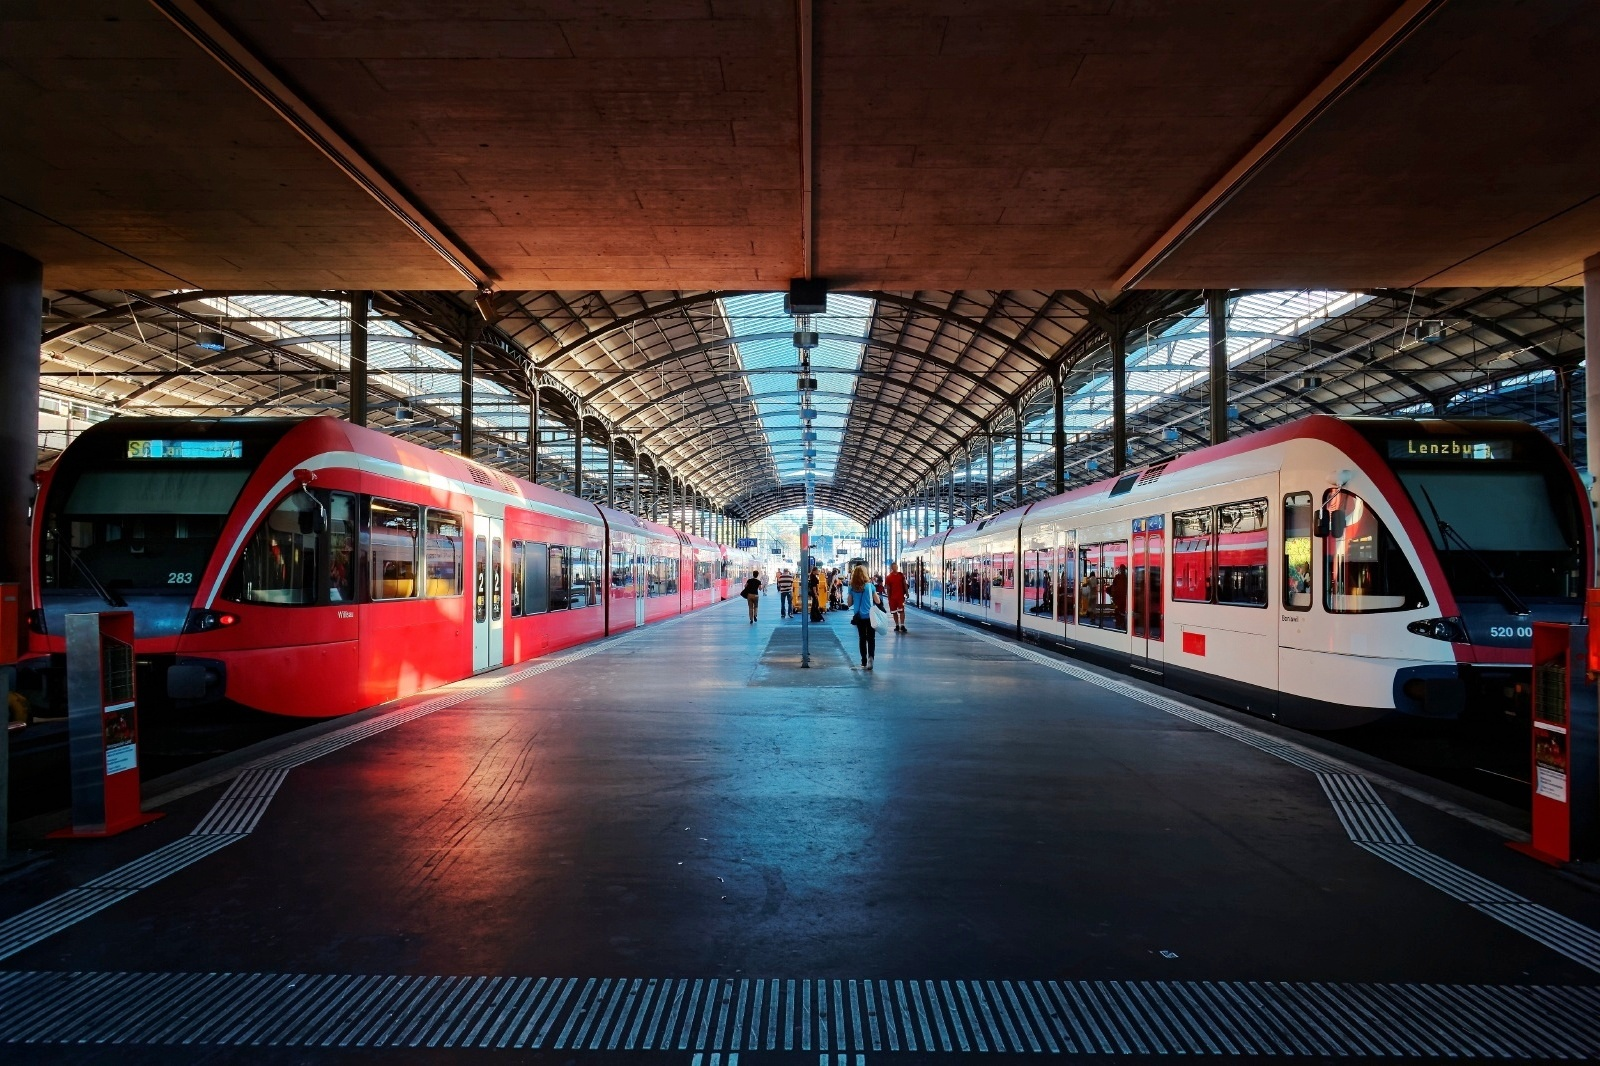 ルツェルン中央駅のプラットフォームの風景 スイスの鉄道風景